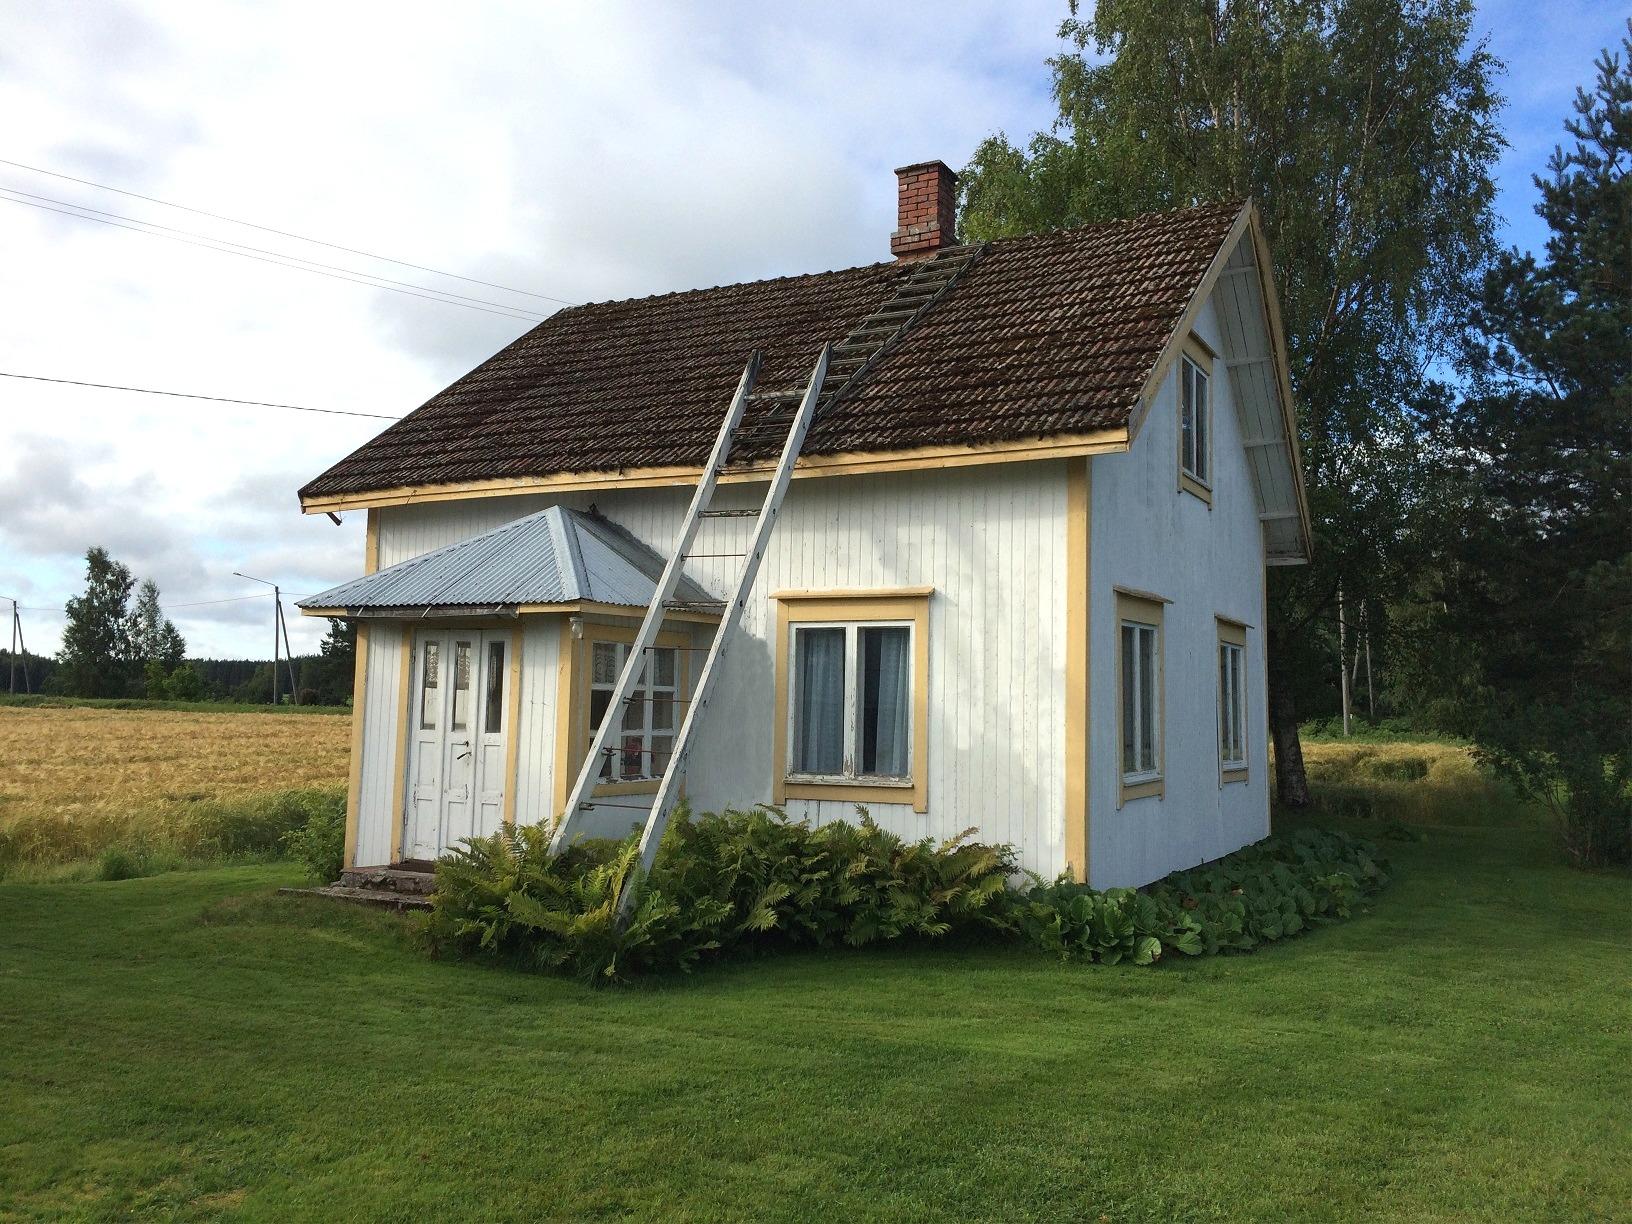 Norrgårdas lillstugan fotograferad i augusti 2017 från väster.